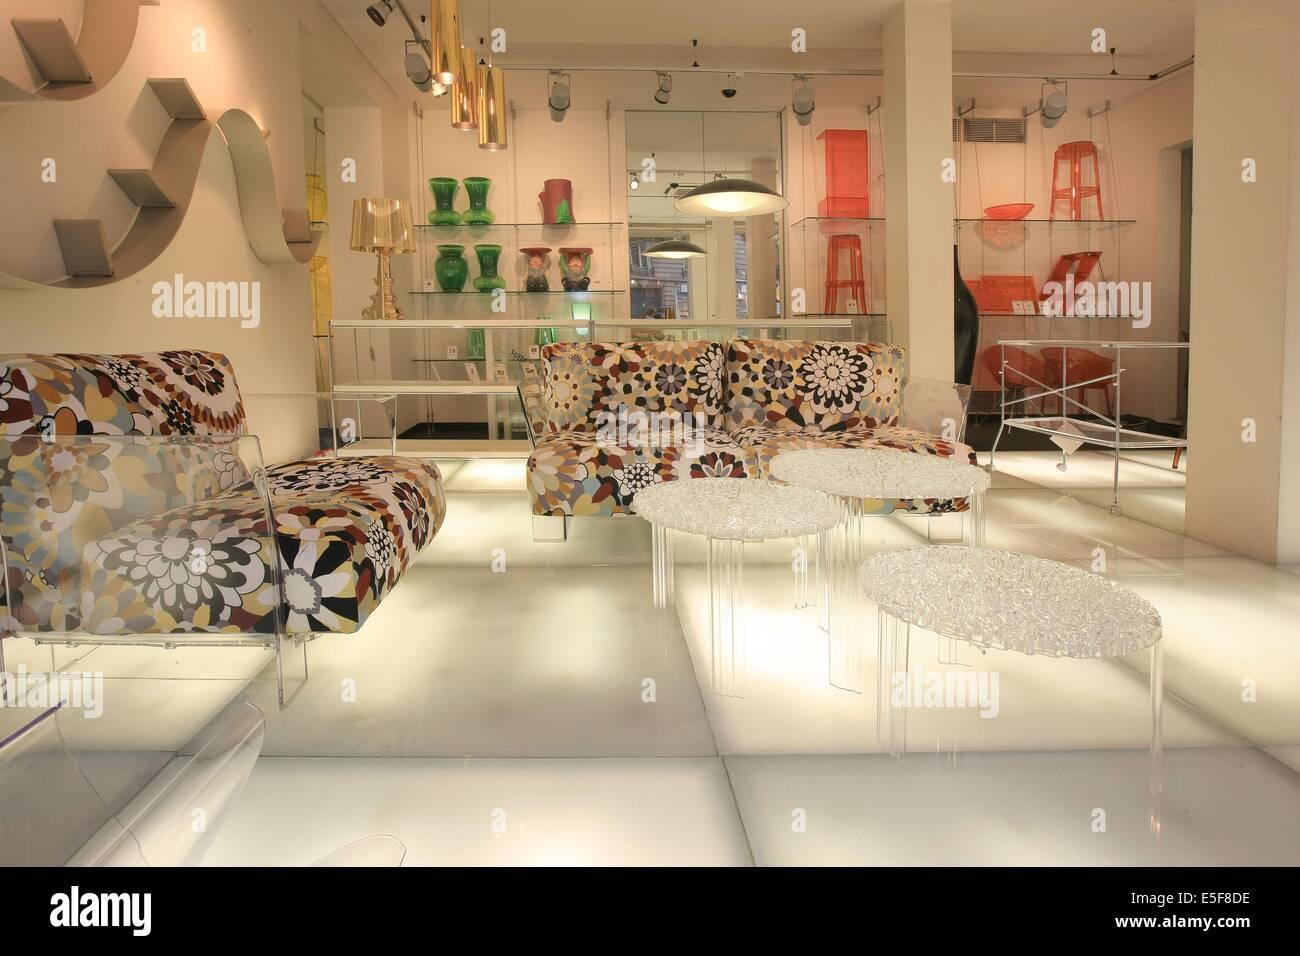 100 Fantastique Idées Meubles Boulevard Saint Germain